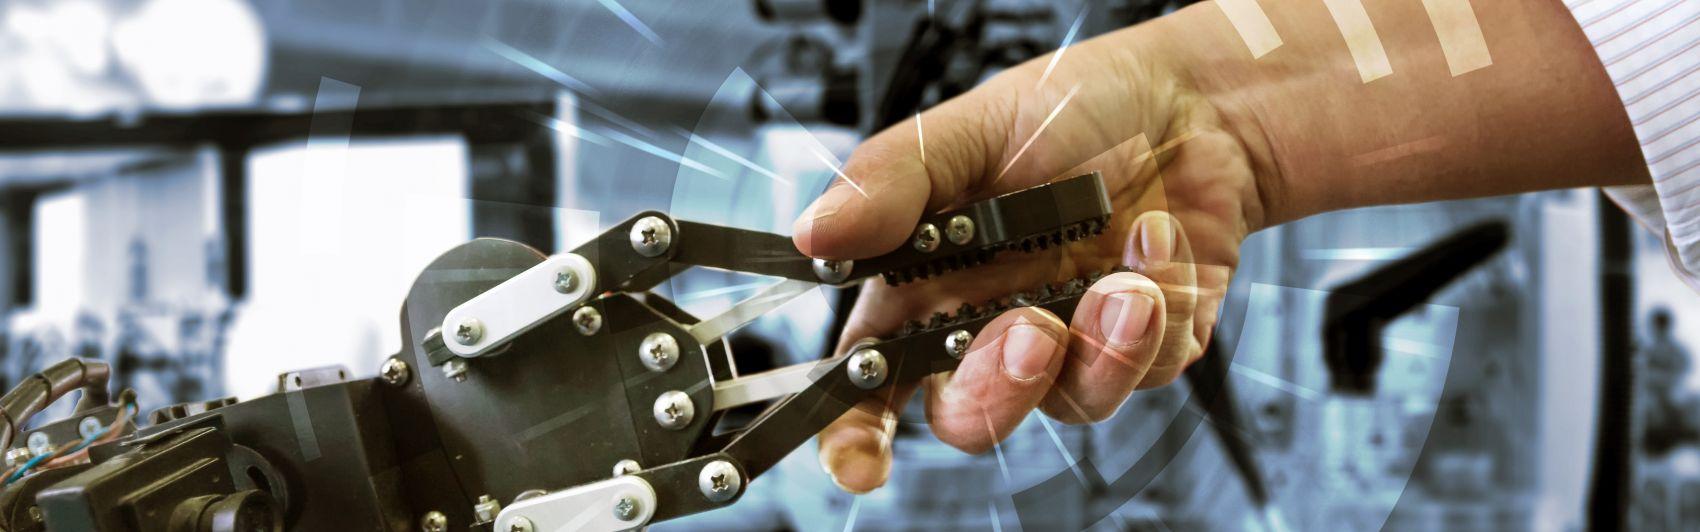 Zukunft der Arbeit, MINT, Industrie 4.0, Digitalisierung, digitale Arbeit, Roboter, Mensch-Maschine-Interaktion, KI